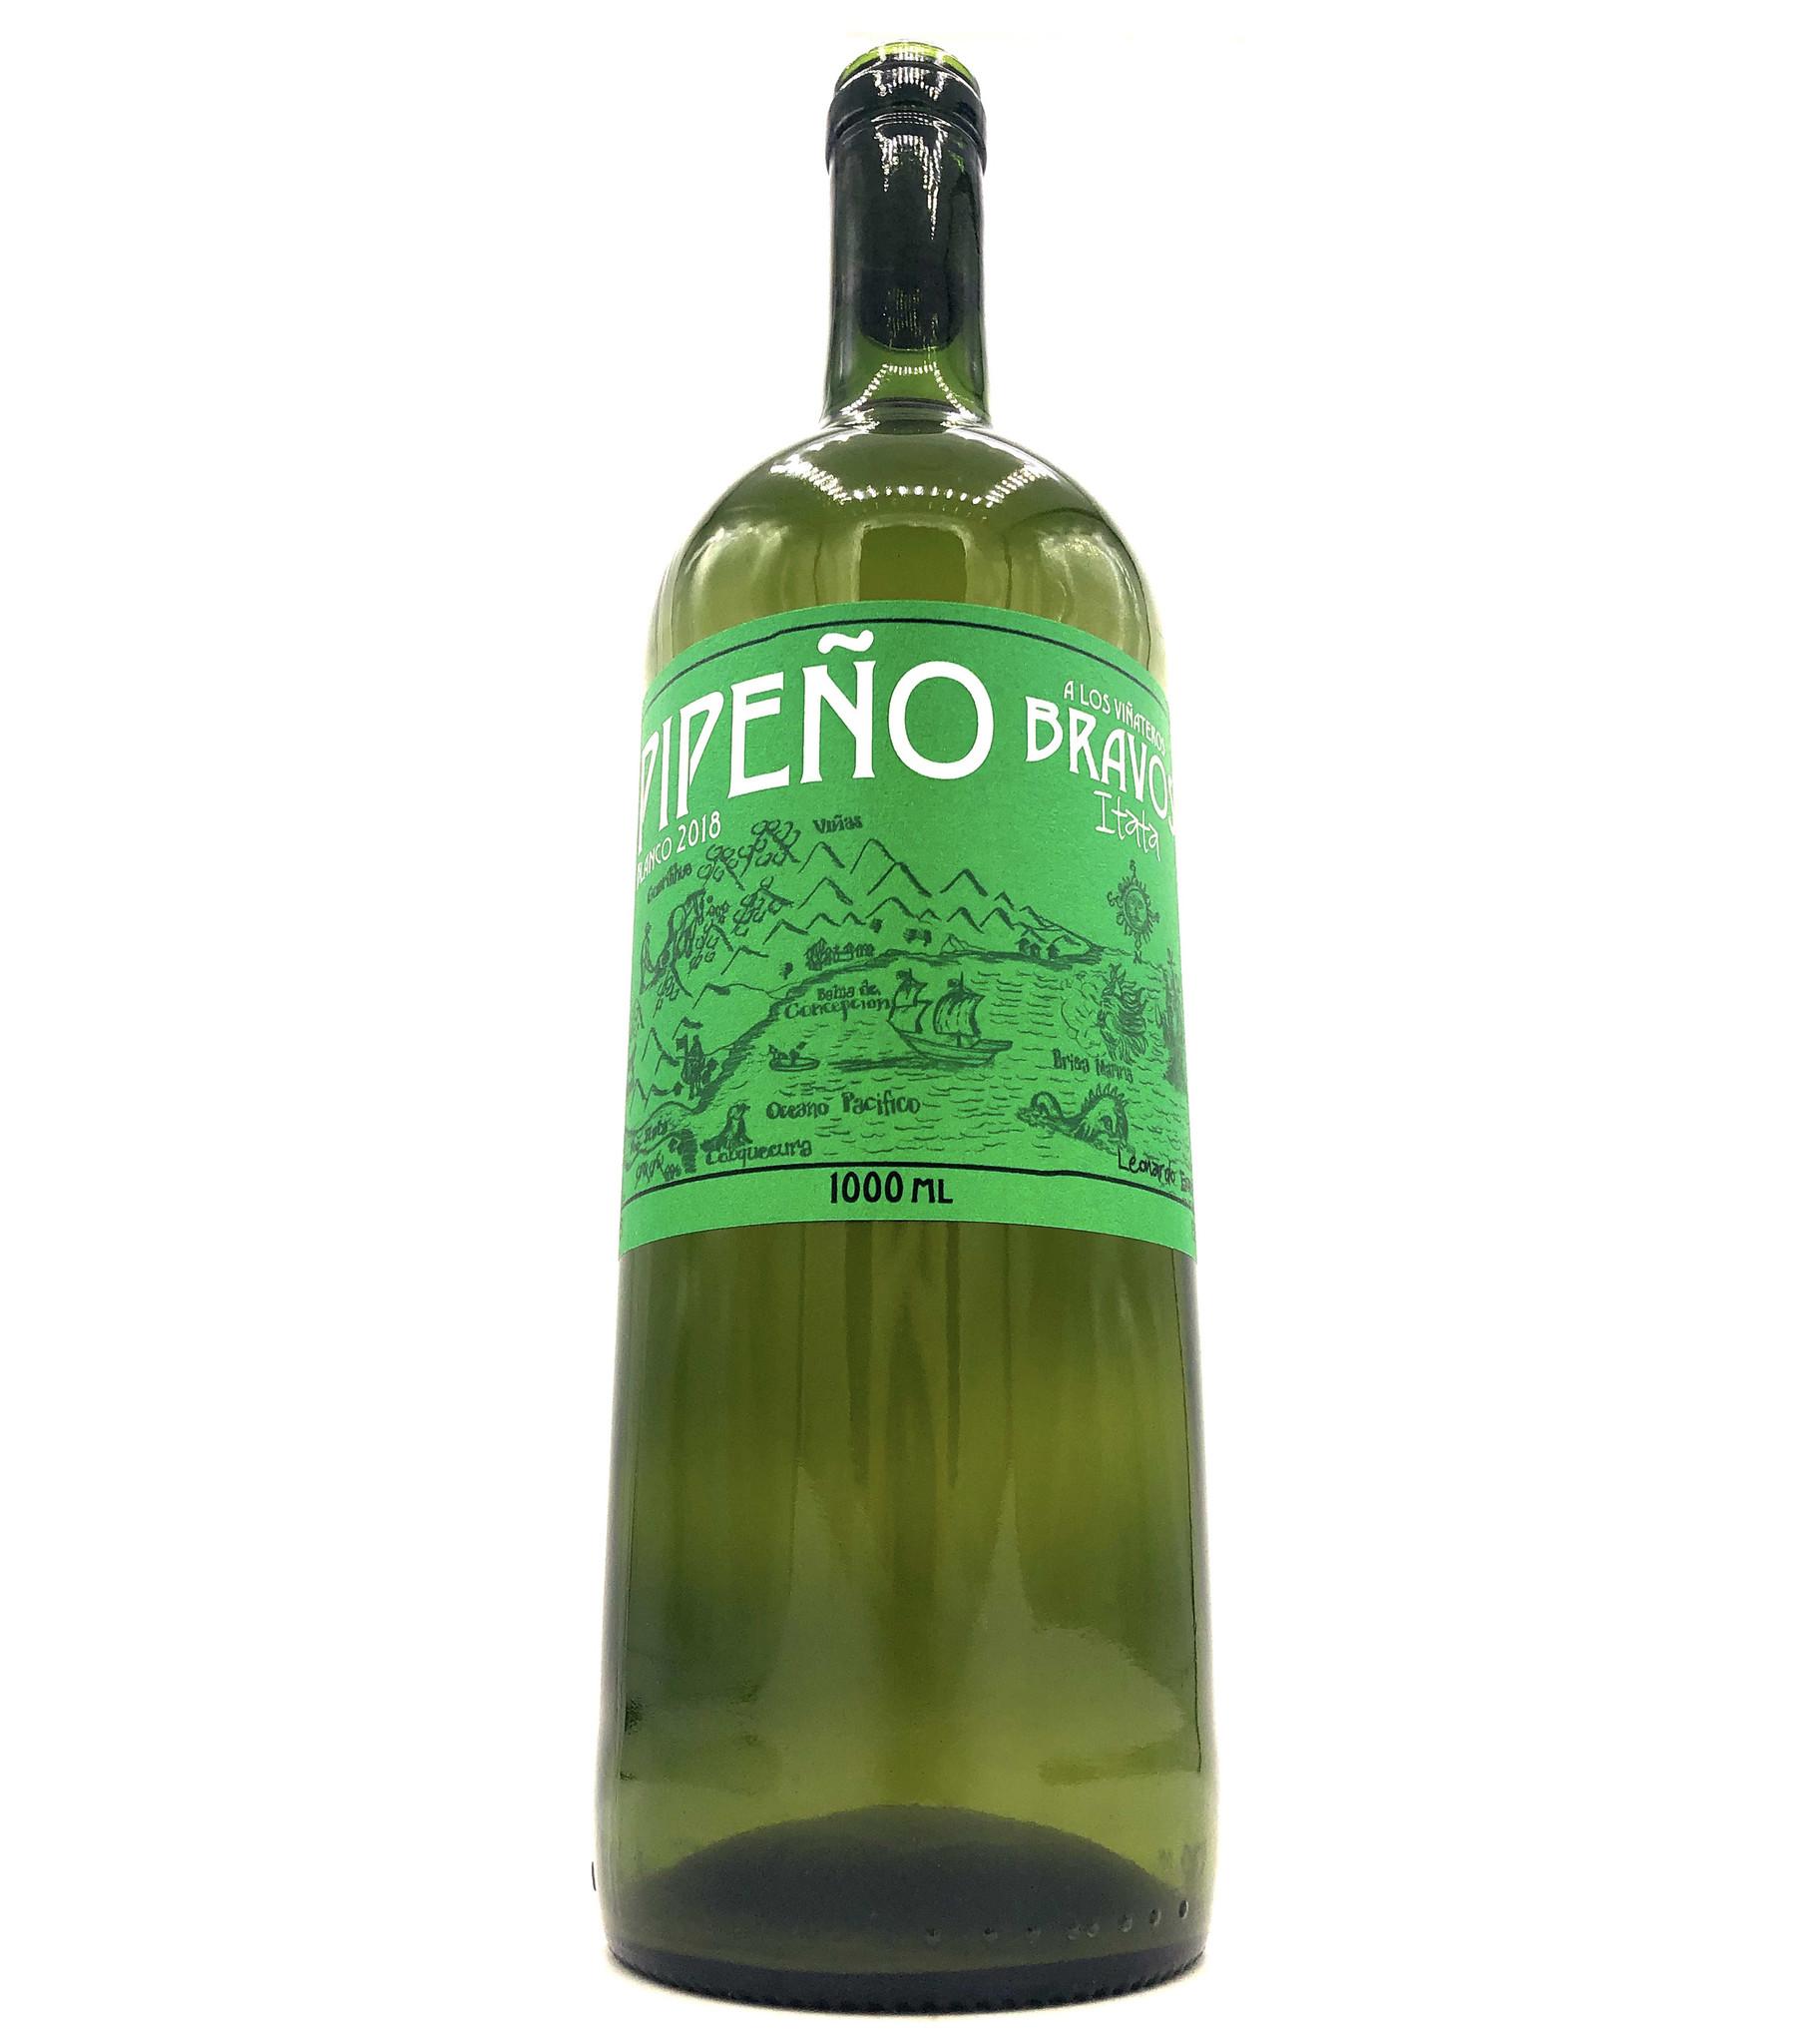 Pipeno Blanco 1L 2018 A Los Vinateros Bravos